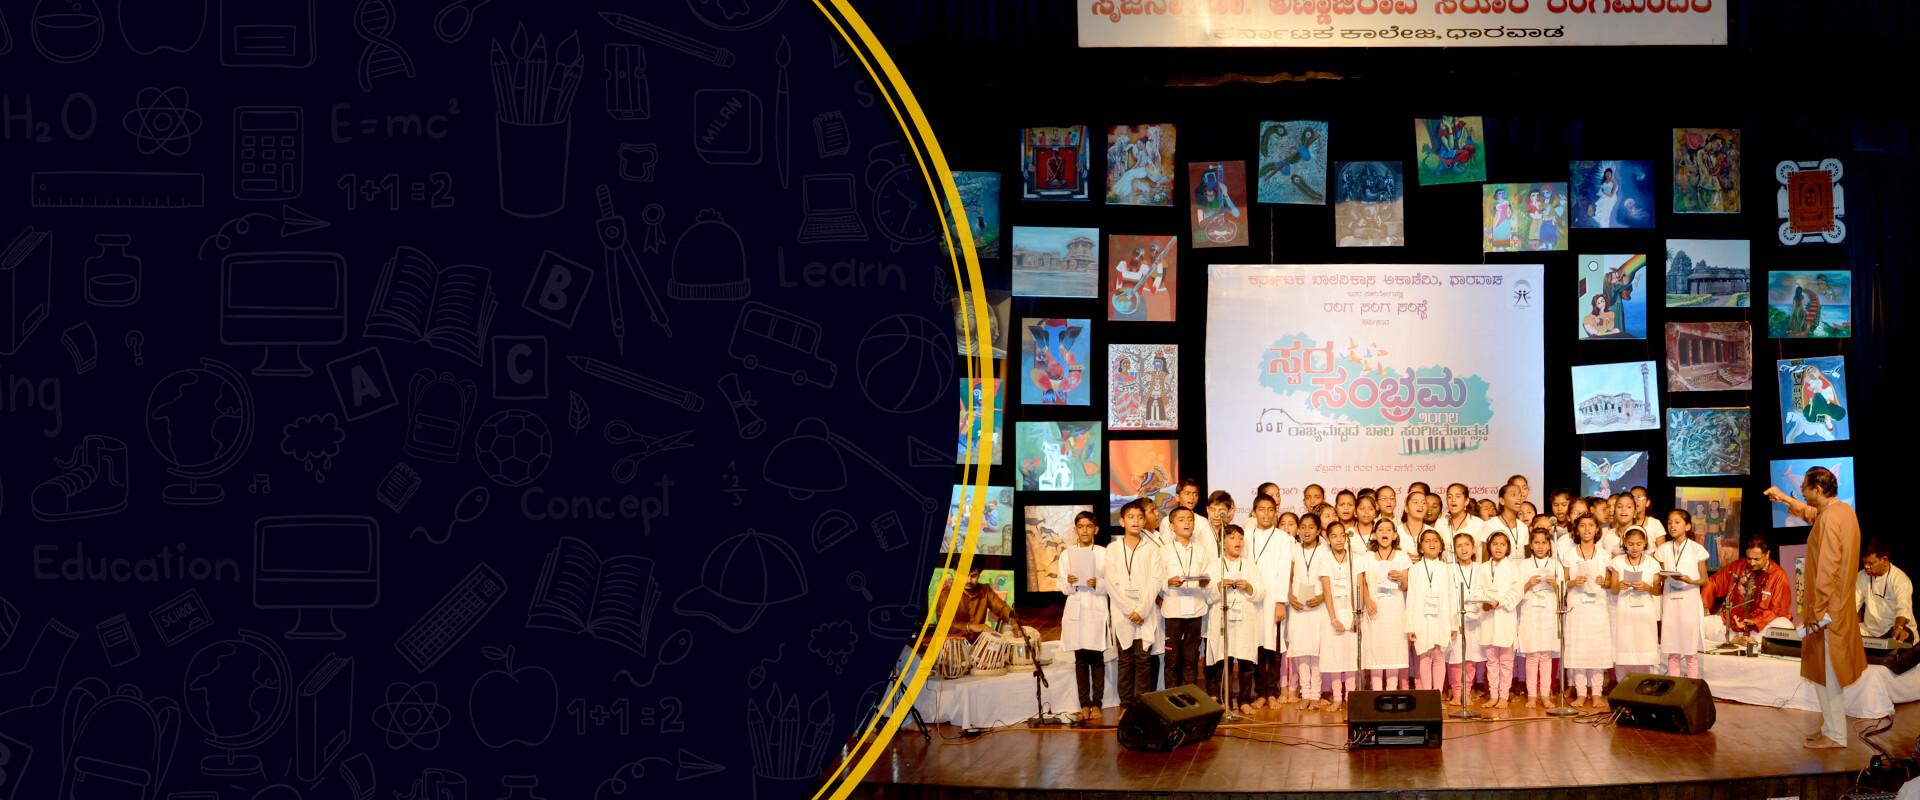 Mallasajjan School, Dharwad